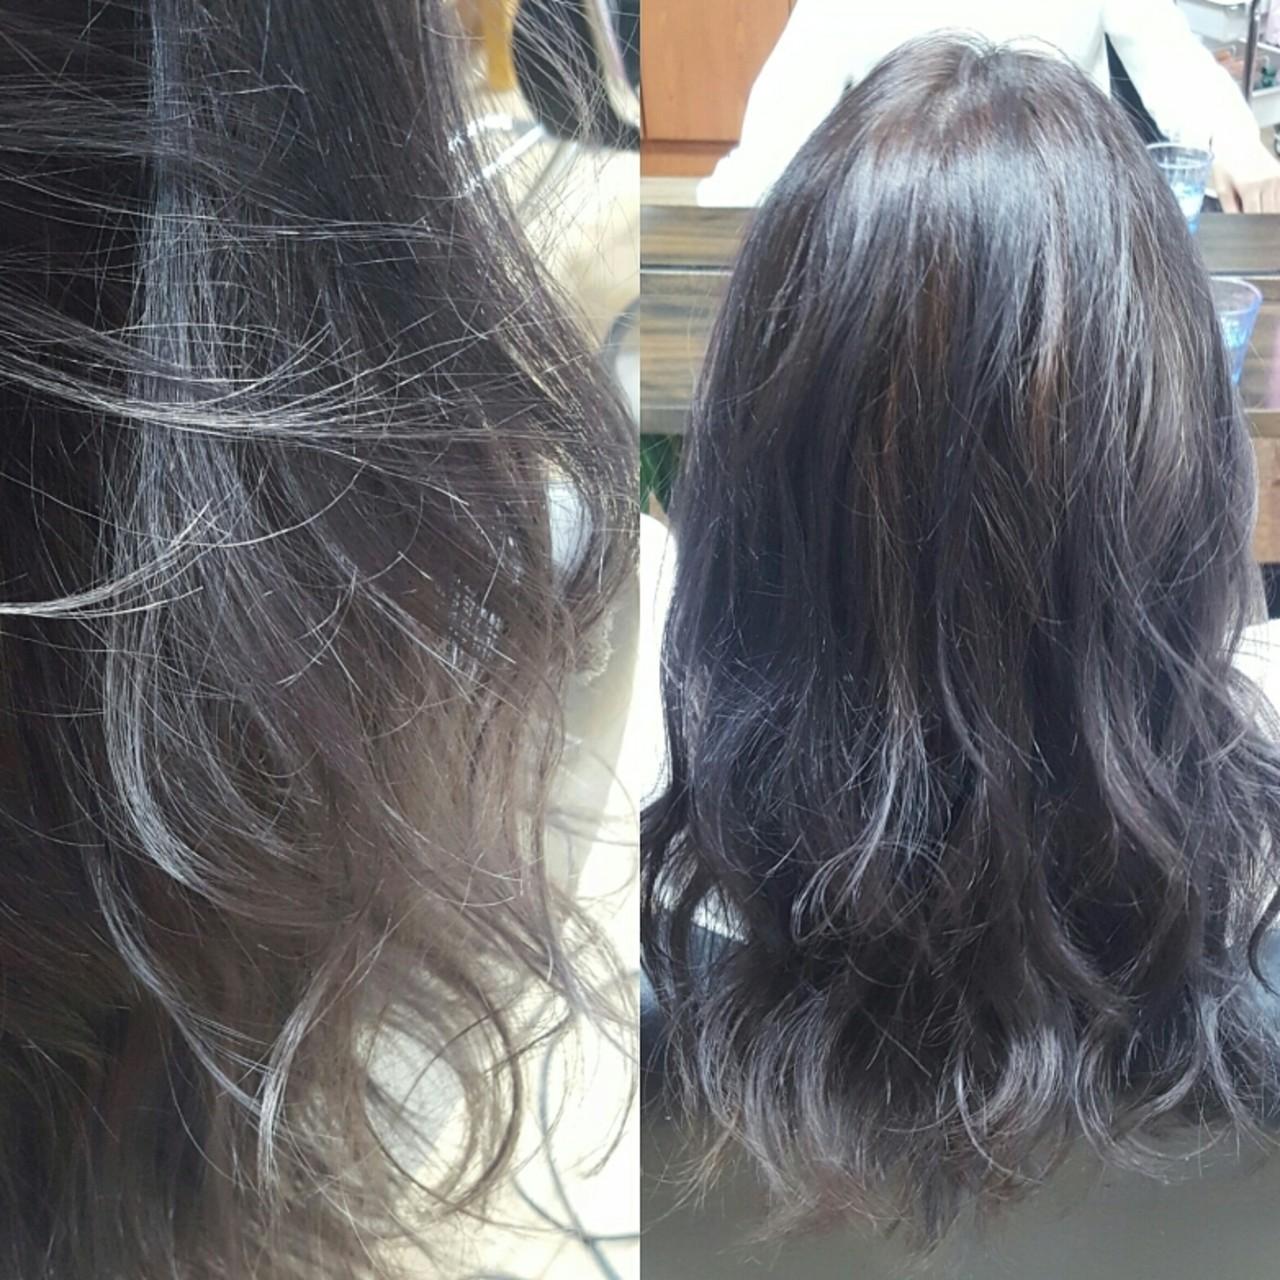 パープル ロング ブリーチ ダブルカラーヘアスタイルや髪型の写真・画像